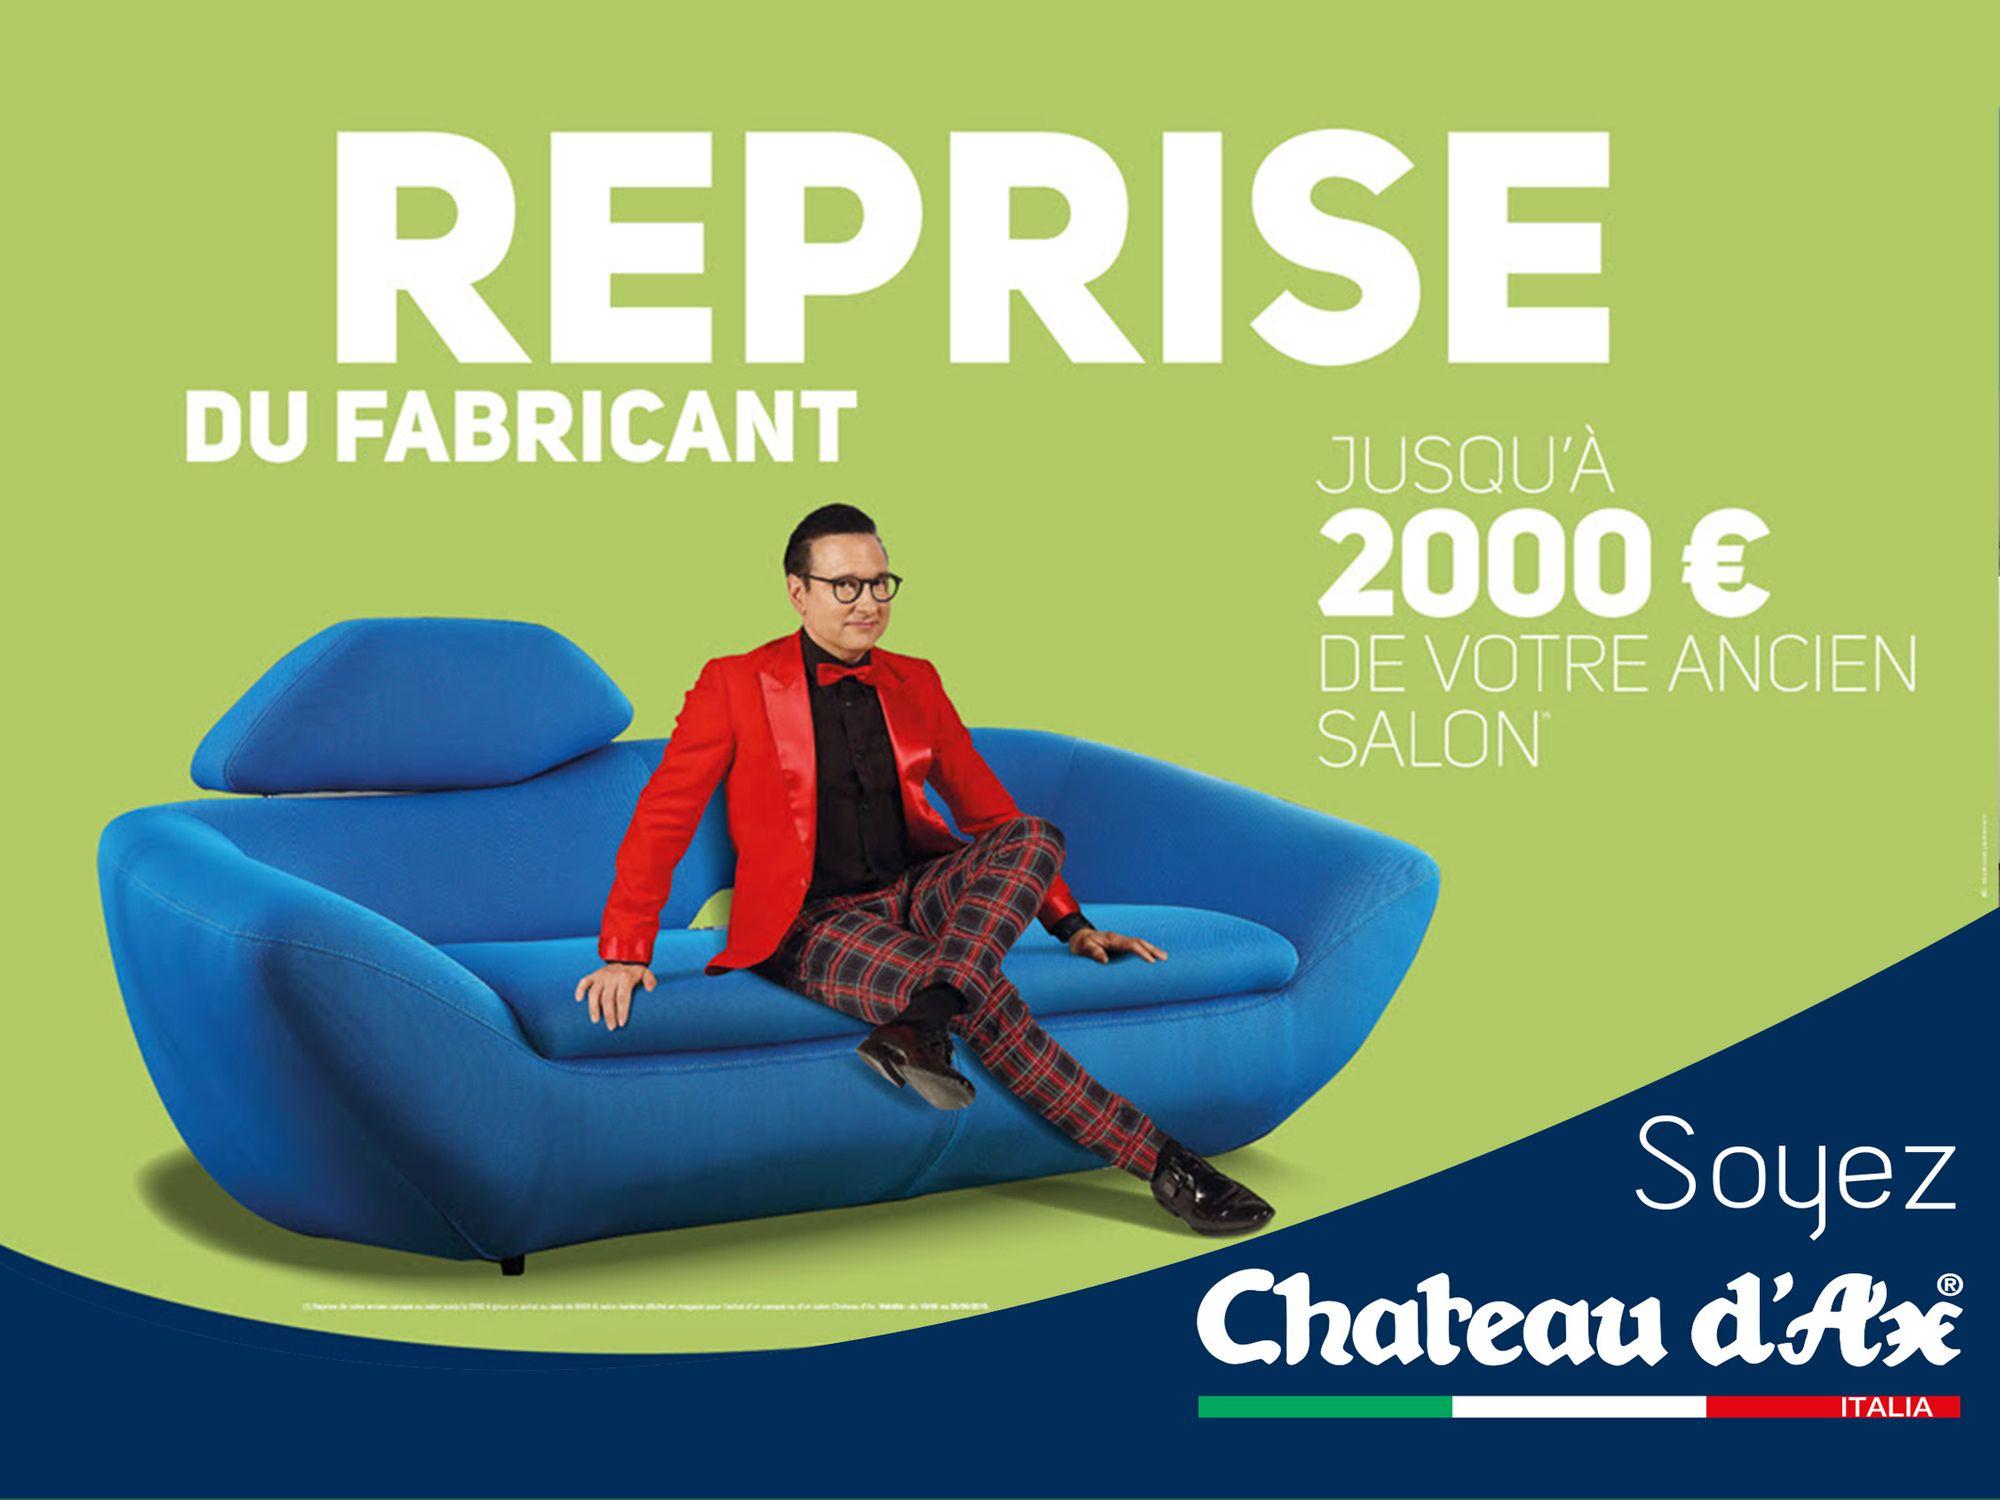 C Est La Reprise Du Fabricant Jusqu Au 25 Juin Chateau D Ax Reprend Votre Vieux Canape Jusqu A 2000 Infos Contact Et A Chateau D Ax Vieux Canape Chateau